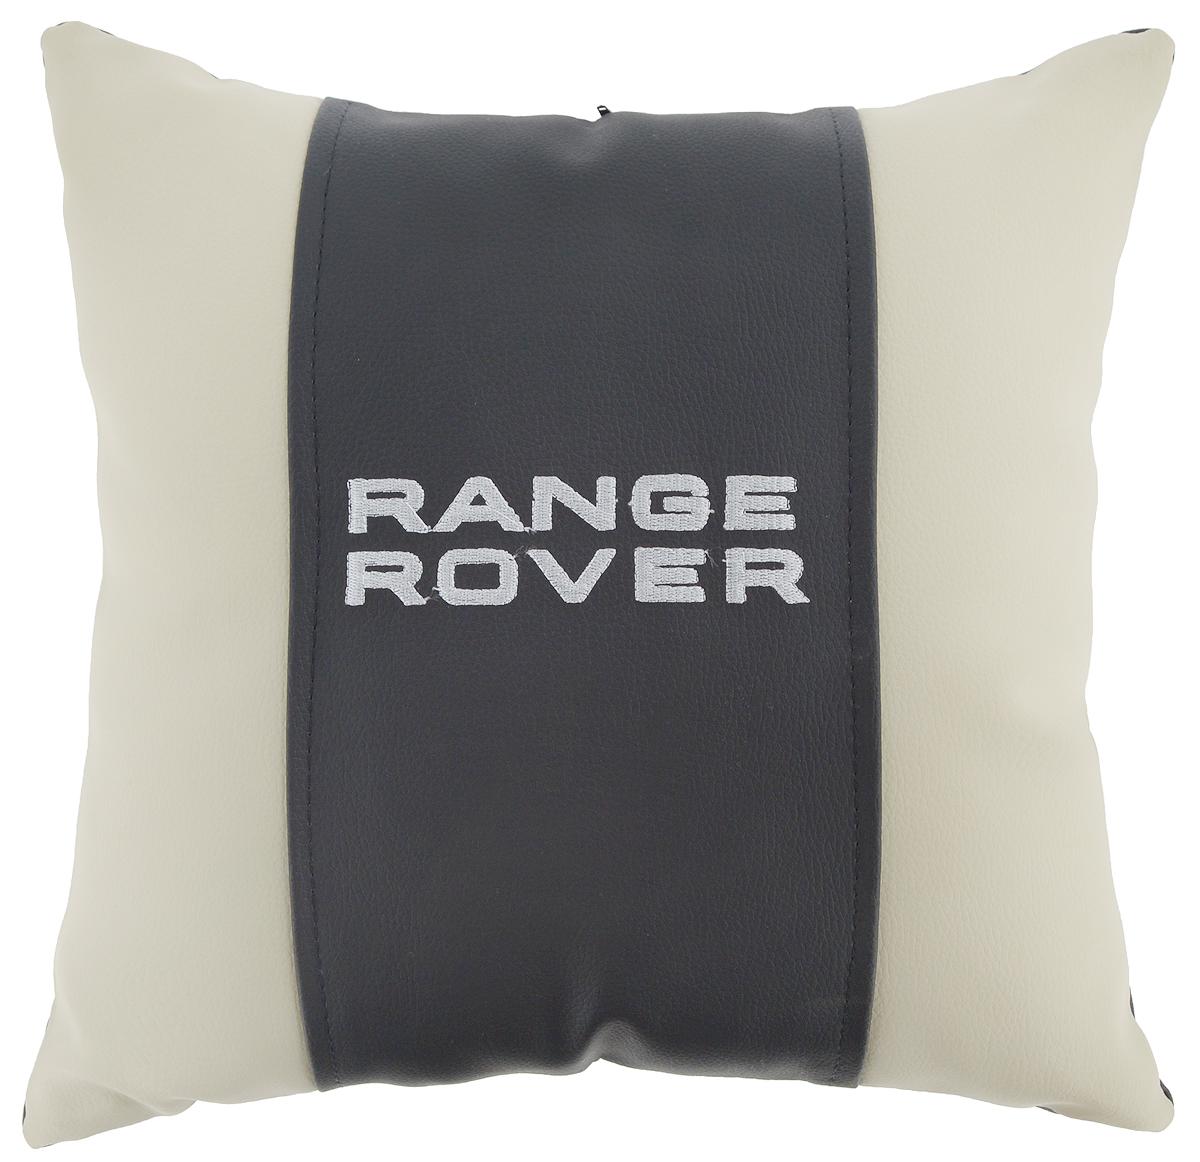 Подушка на сиденье Autoparts Range Rover, цвет: молочный, темно-серый, 30 х 30 смМ061Подушка на сиденье Autoparts Range Rover создана для тех, кто весь свой день вынужден проводить за рулем. Чехол выполнен из высококачественной дышащей экокожи. Наполнителем служит холлофайбер. На задней части подушки имеется змейка. Особенности подушки: - Хорошо проветривается. - Предупреждает потение. - Поддерживает комфортную температуру. - Обминается по форме тела. - Улучшает кровообращение. - Исключает затечные явления. - Предупреждает развитие заболеваний, связанных с сидячим образом жизни. Подушка также будет полезна и дома - при работе за компьютером, школьникам - при выполнении домашних работ, да и в любимом кресле перед телевизором.